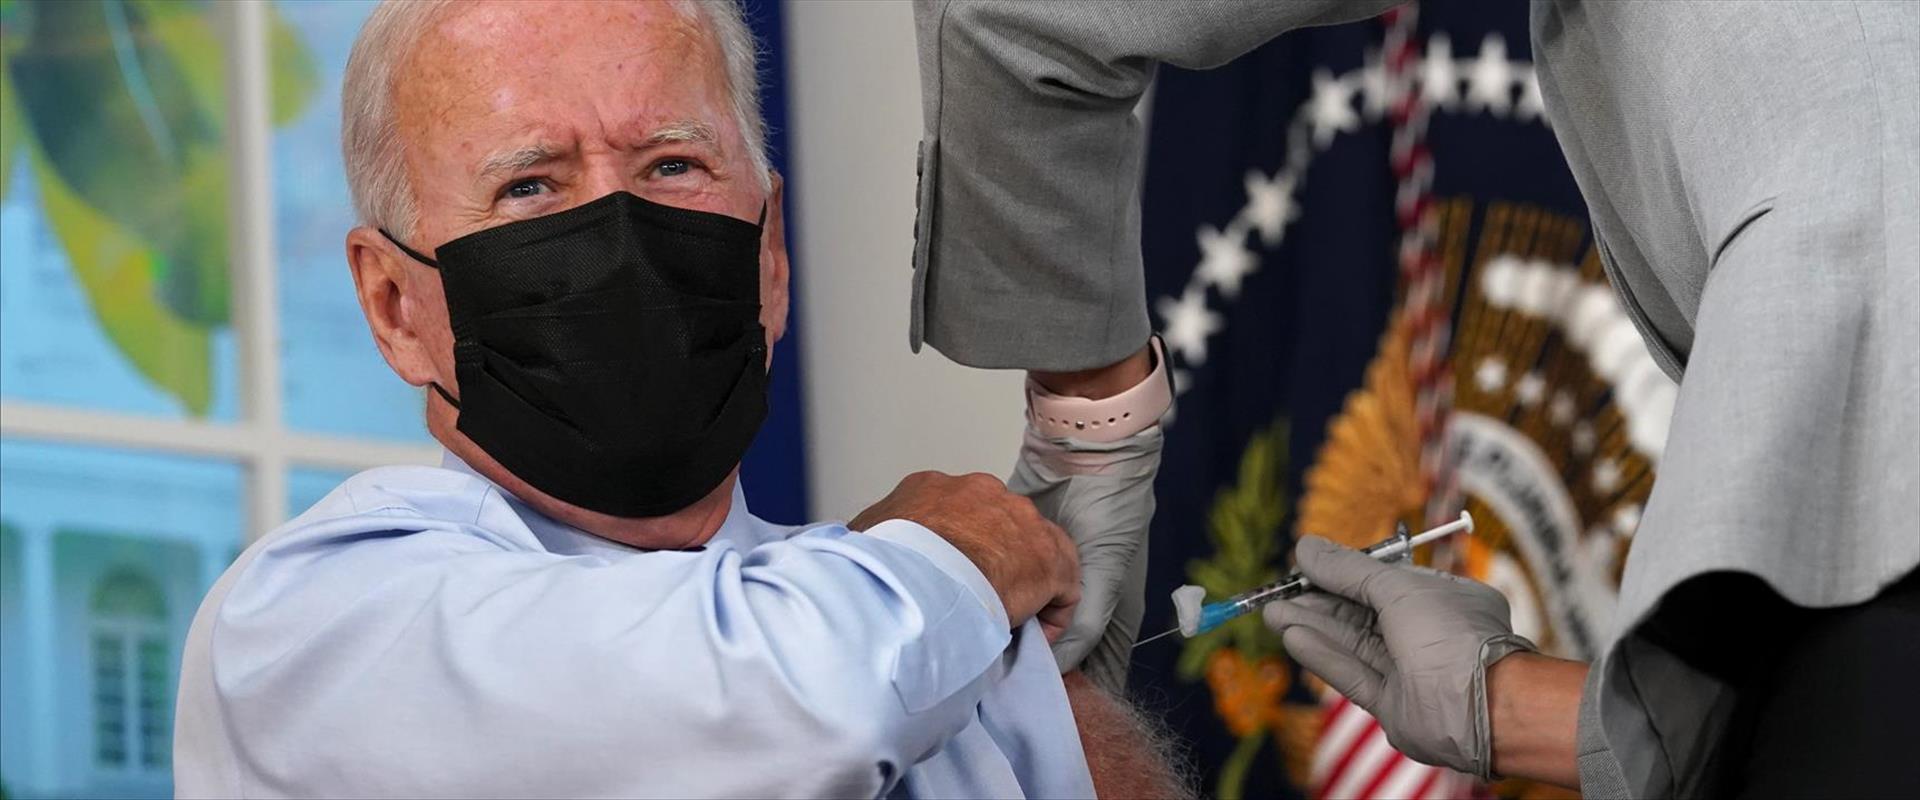 הנשיא ביידן מקבל את מנת הבוסטר